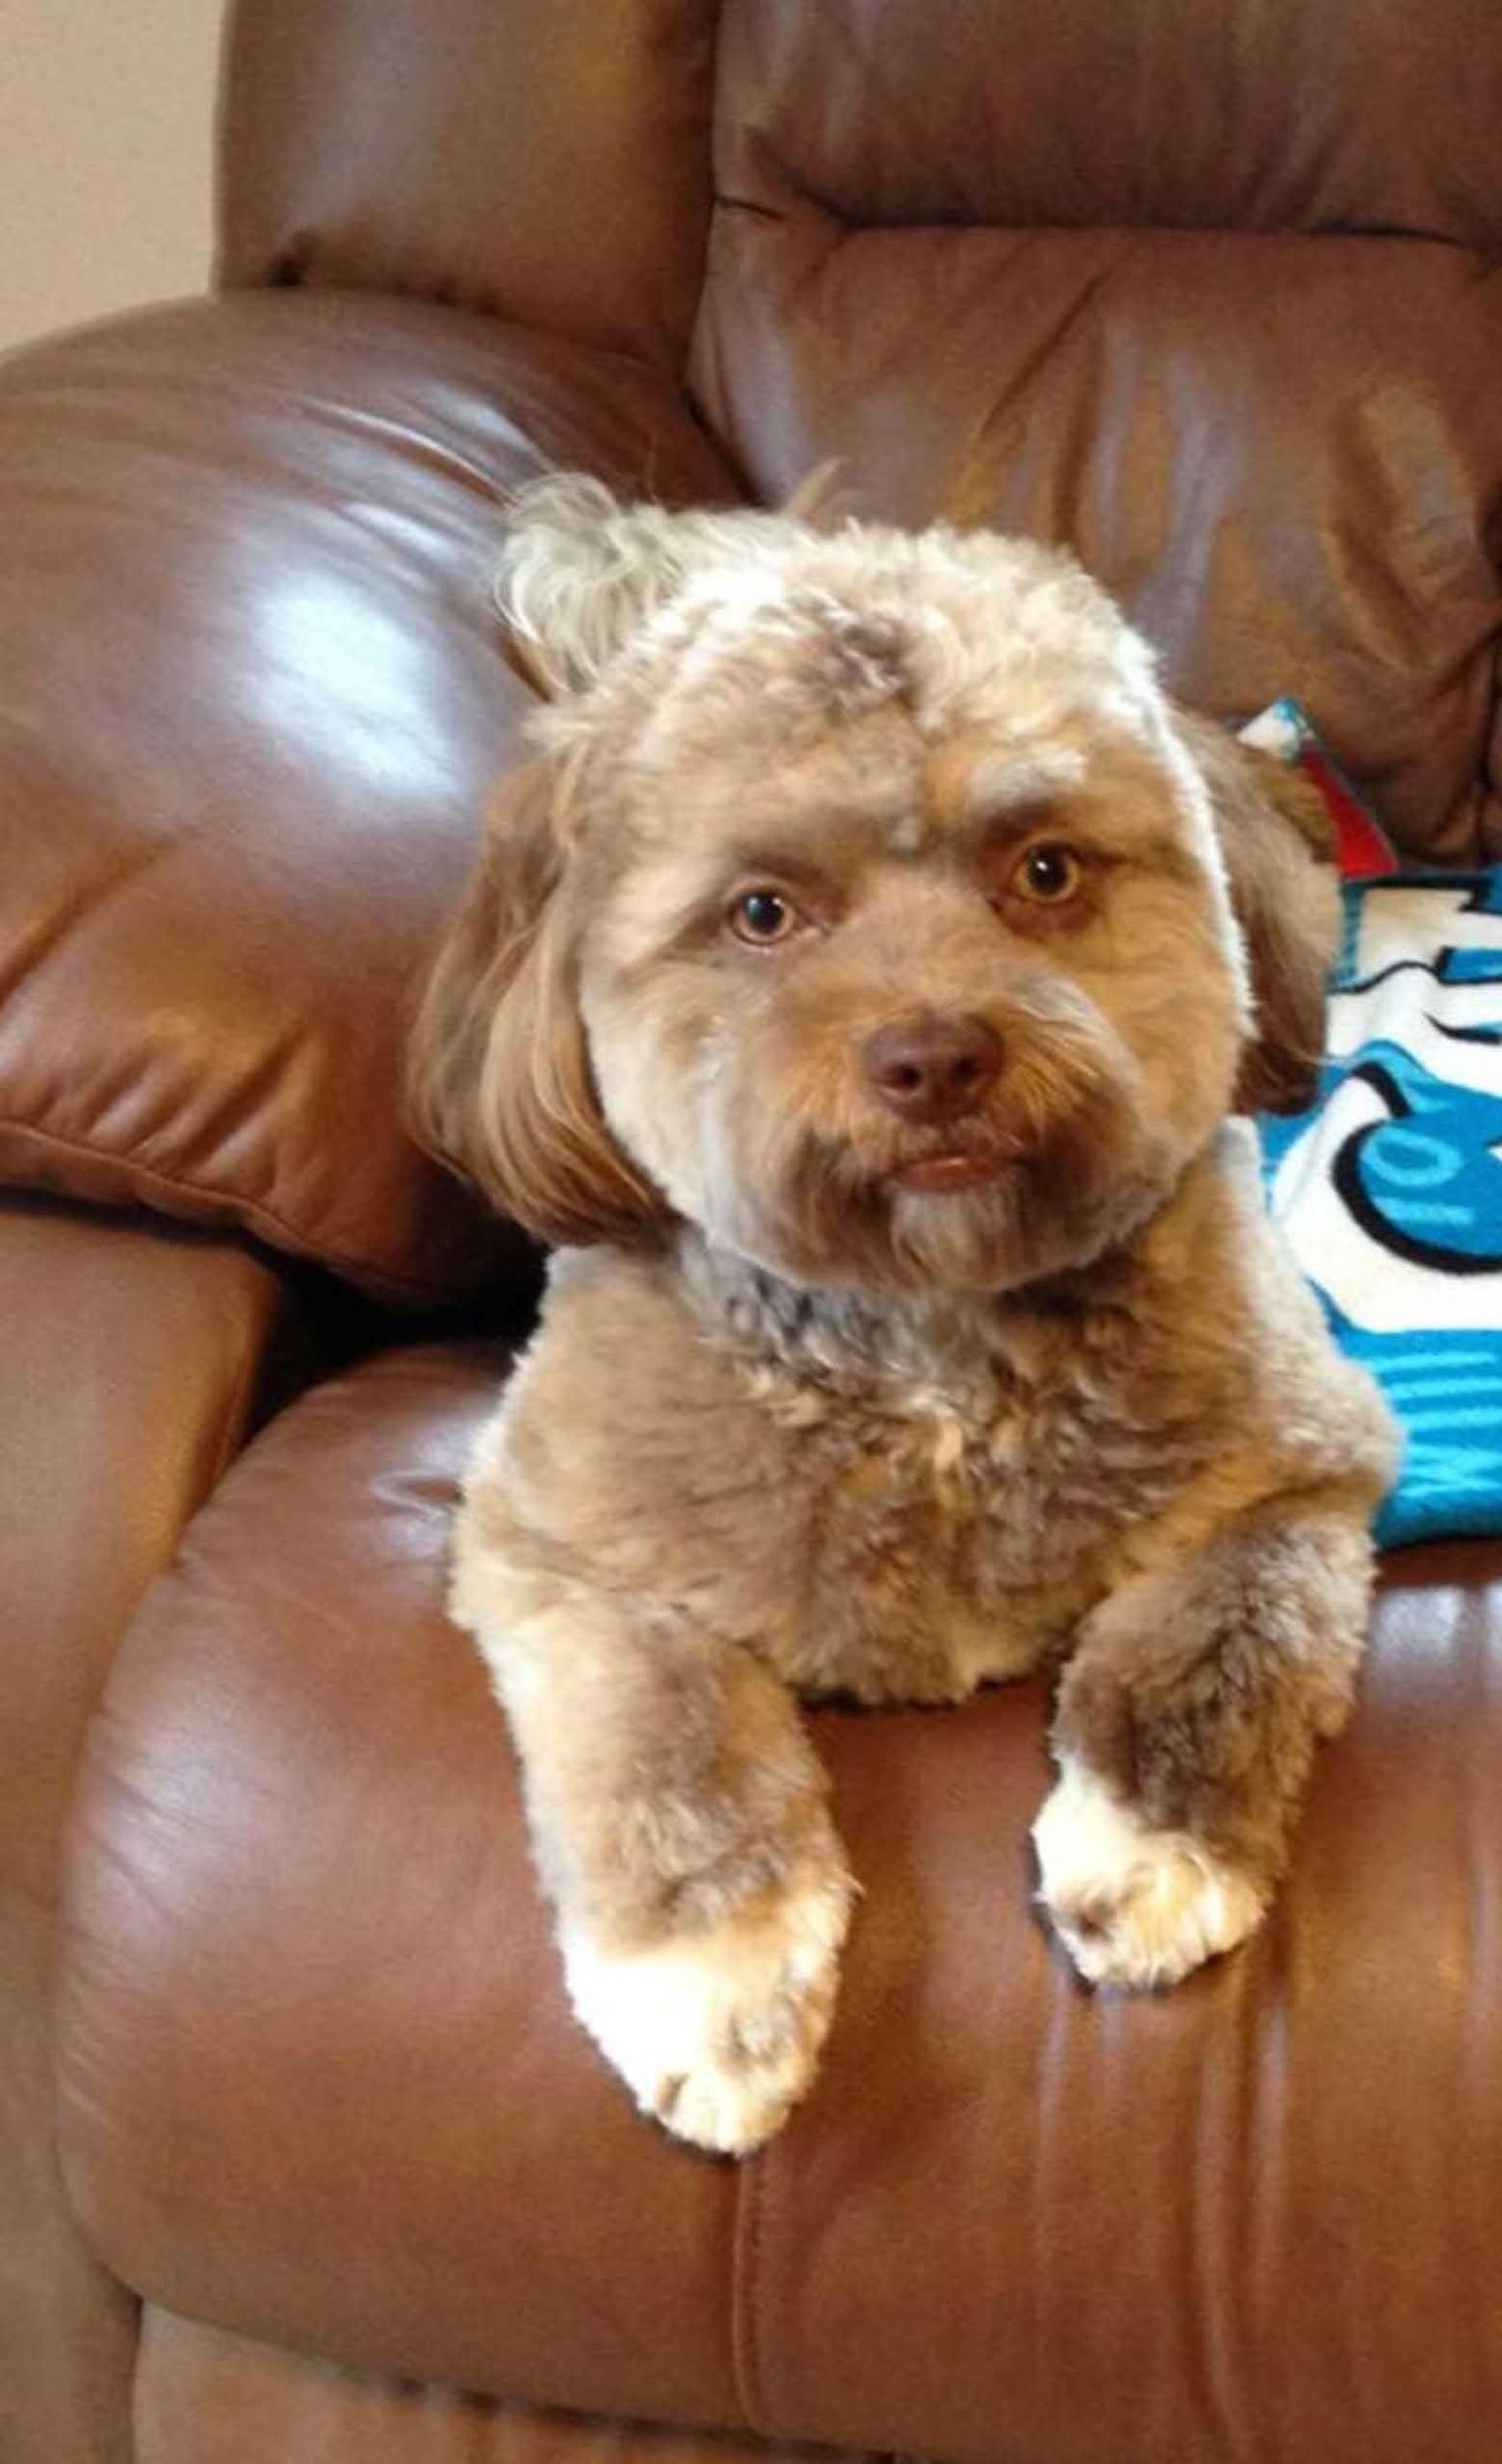 Cachorro com estranho rosto humano fotos